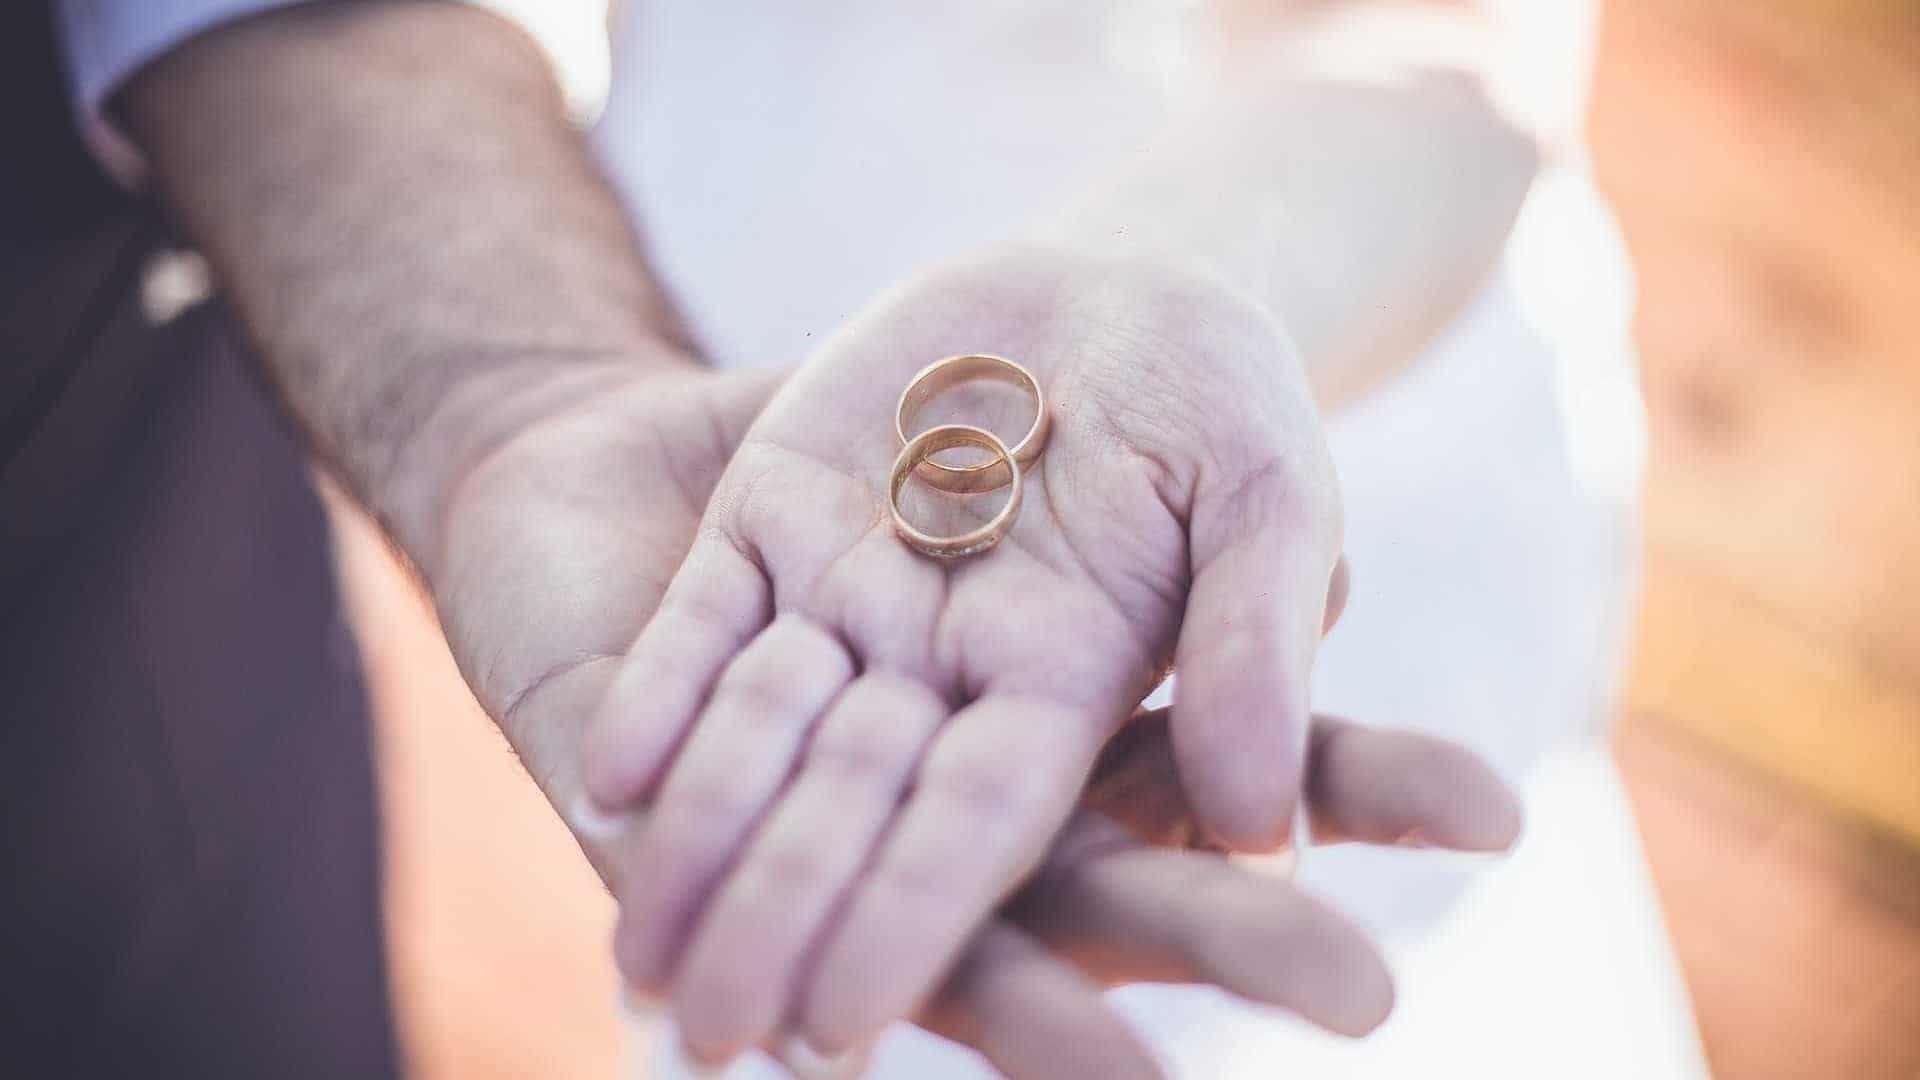 Brasileiros buscam documento e casamento falso para ficar nos EUA